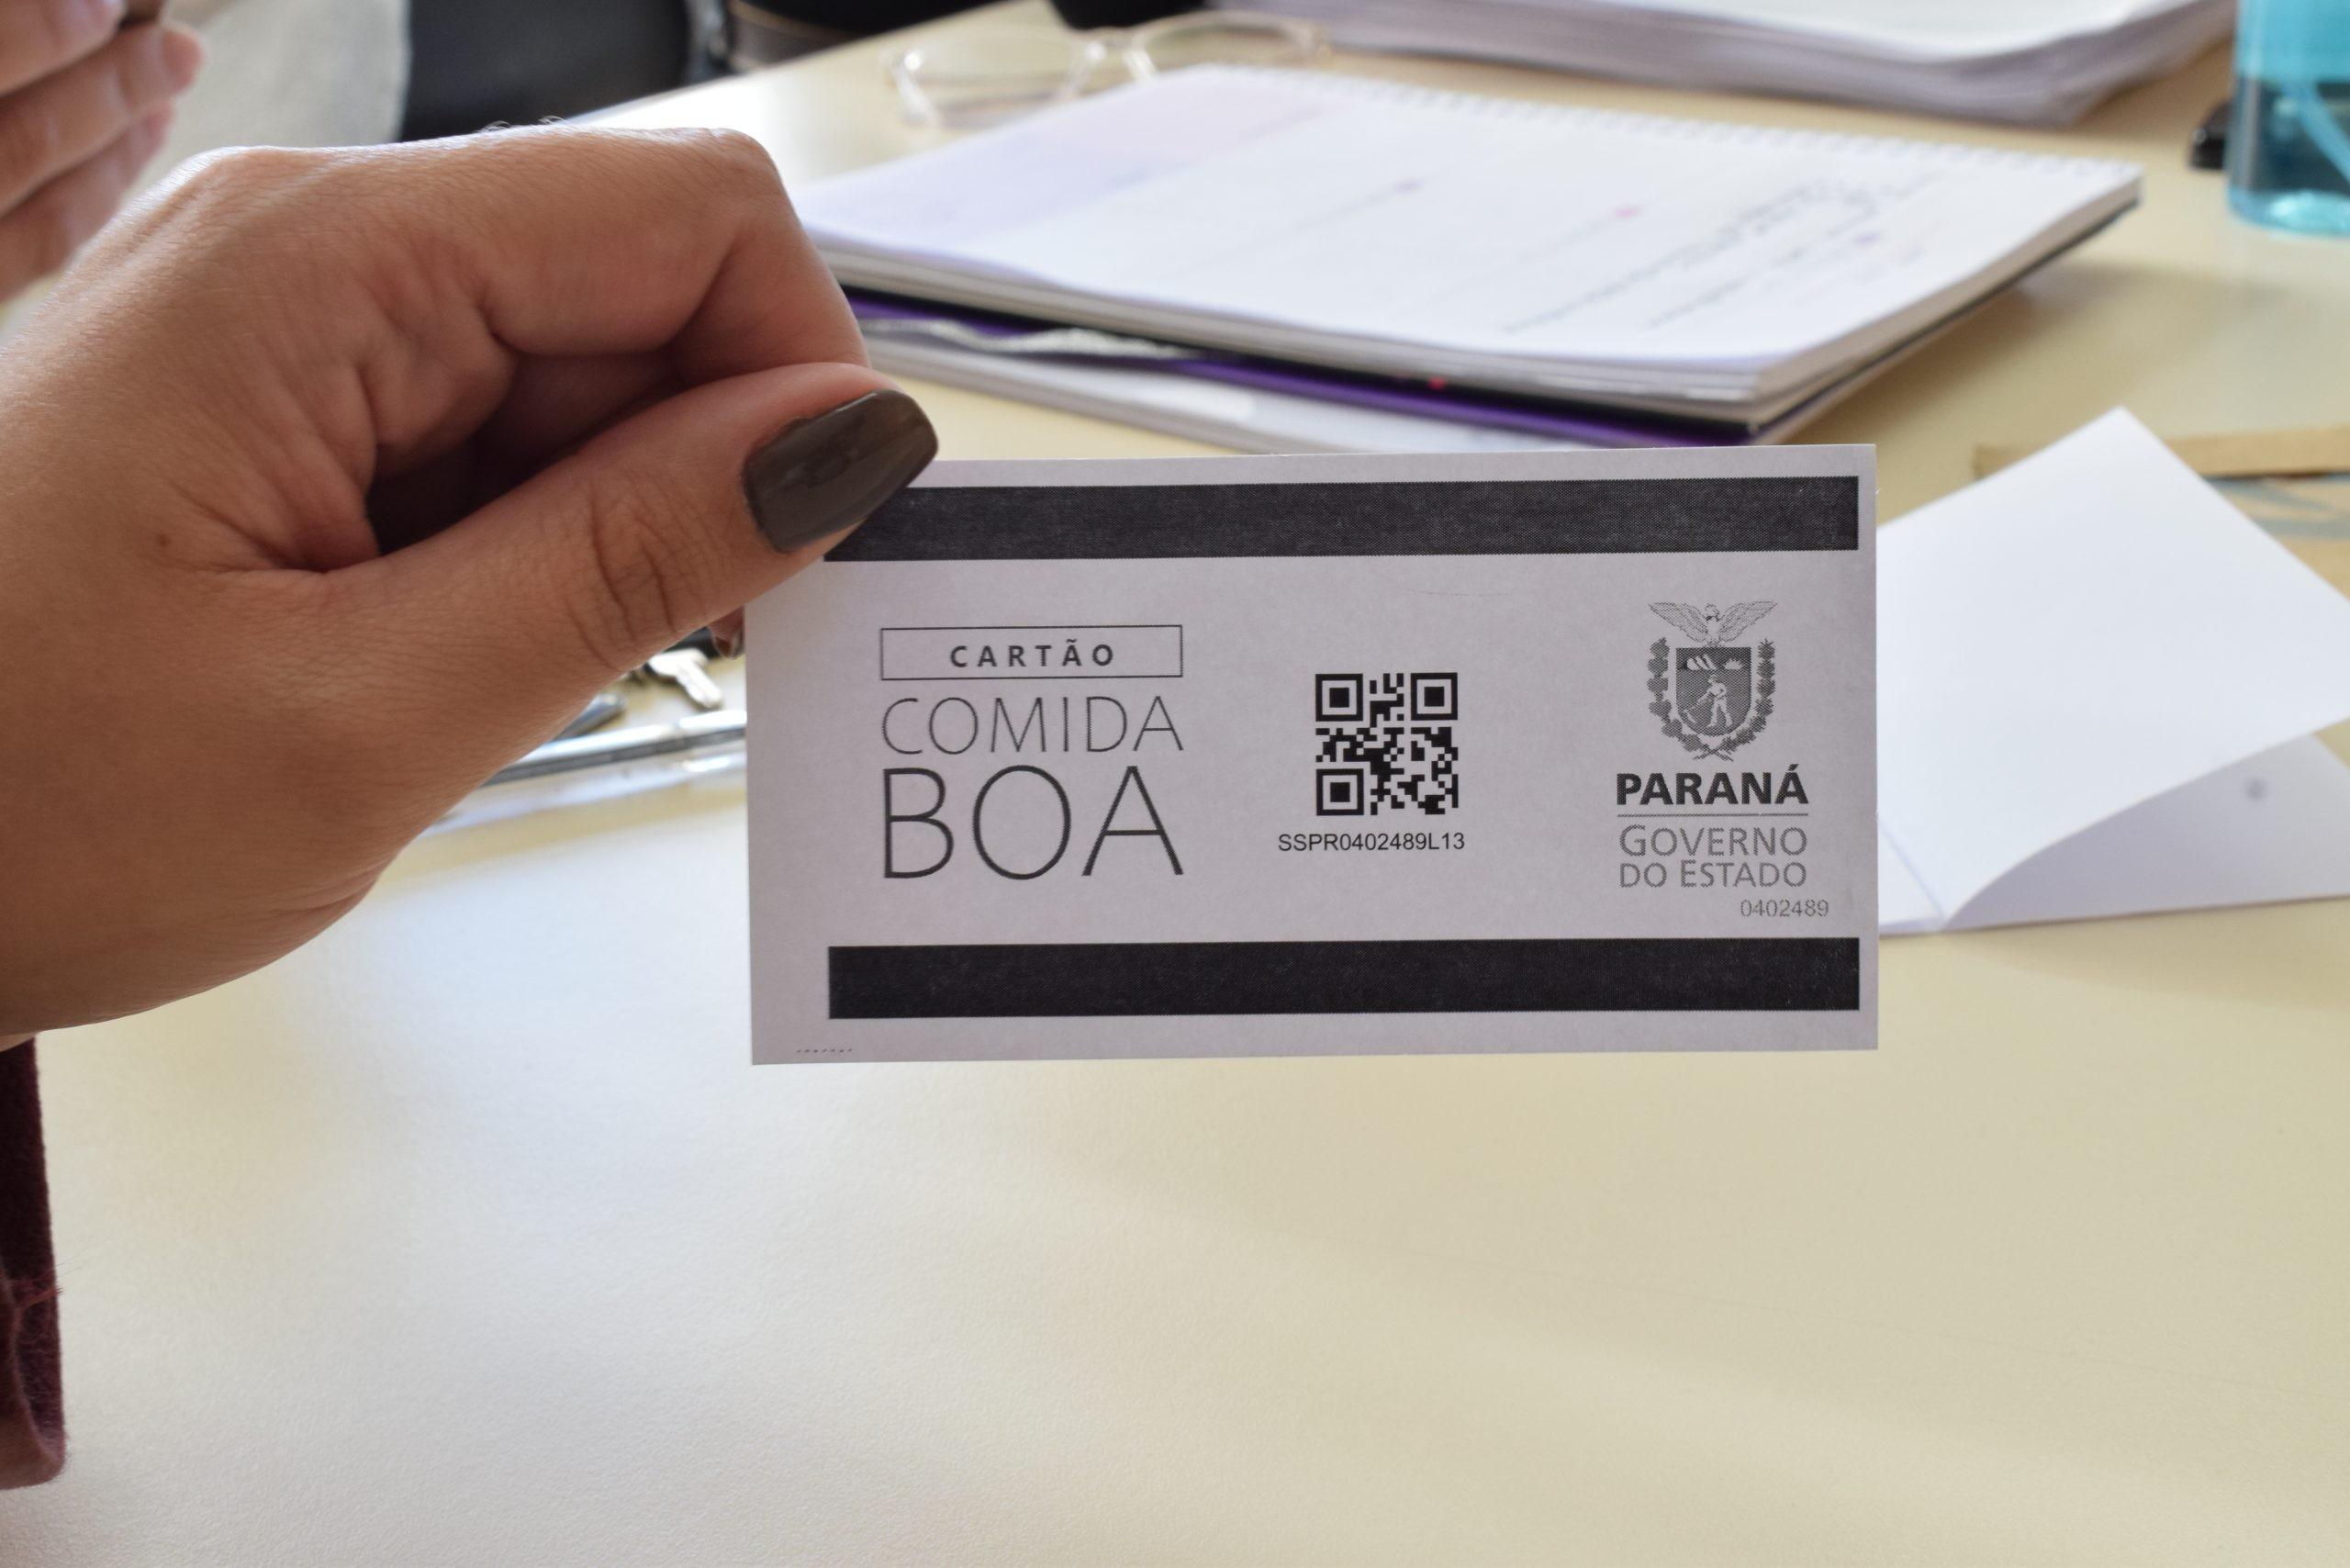 Entrega do cartão do programa 'Comida Boa' termina na sexta-feira (28), em Guarapuava